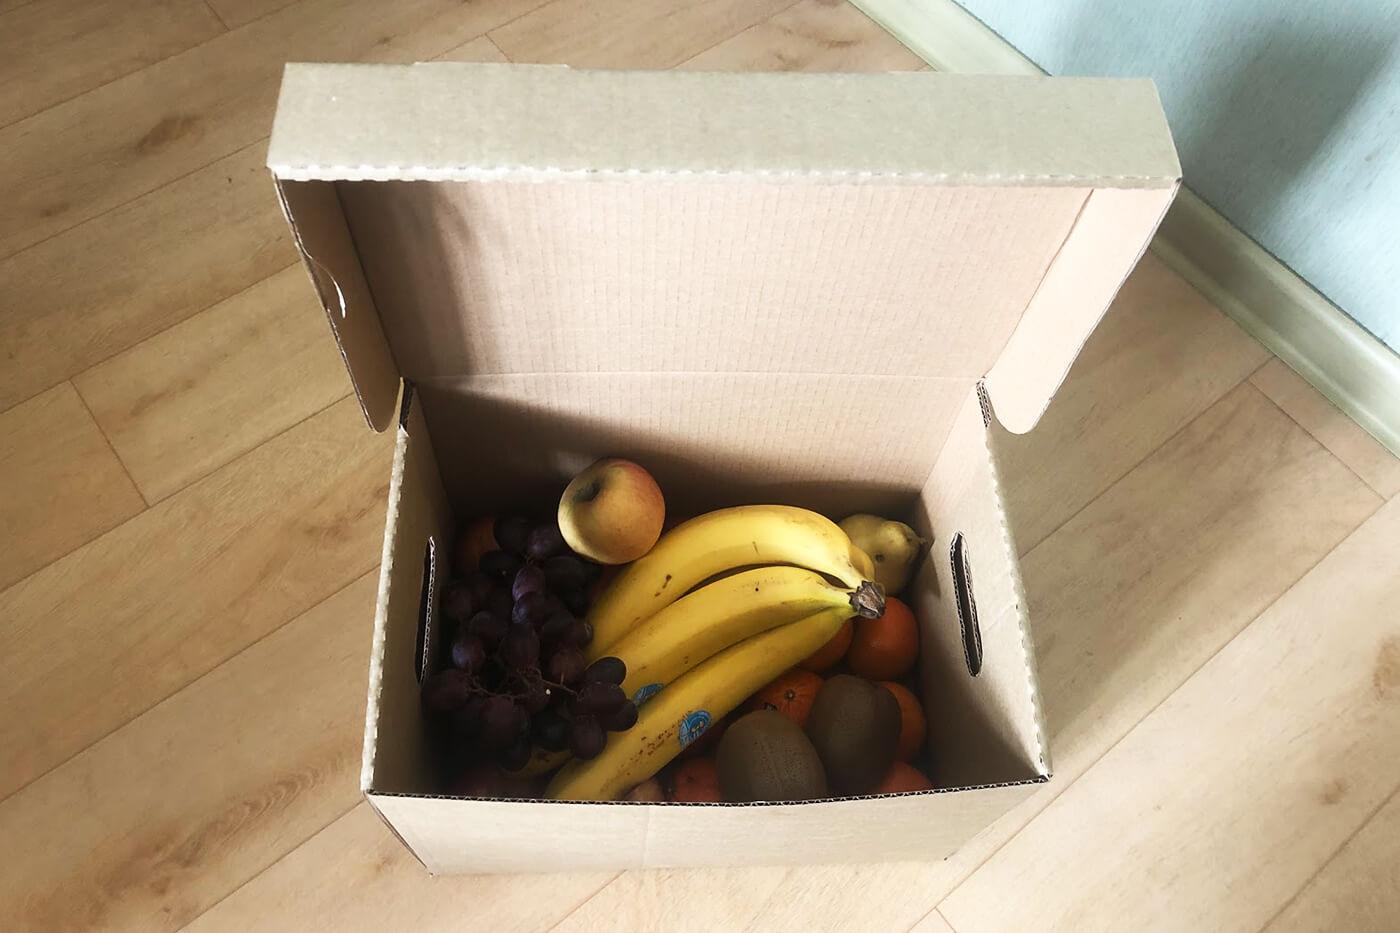 А так выглядят несколько килограммов фруктов, которые я купила на время карантина. Исчезают они быстро, так что скоро придется покупать добавку